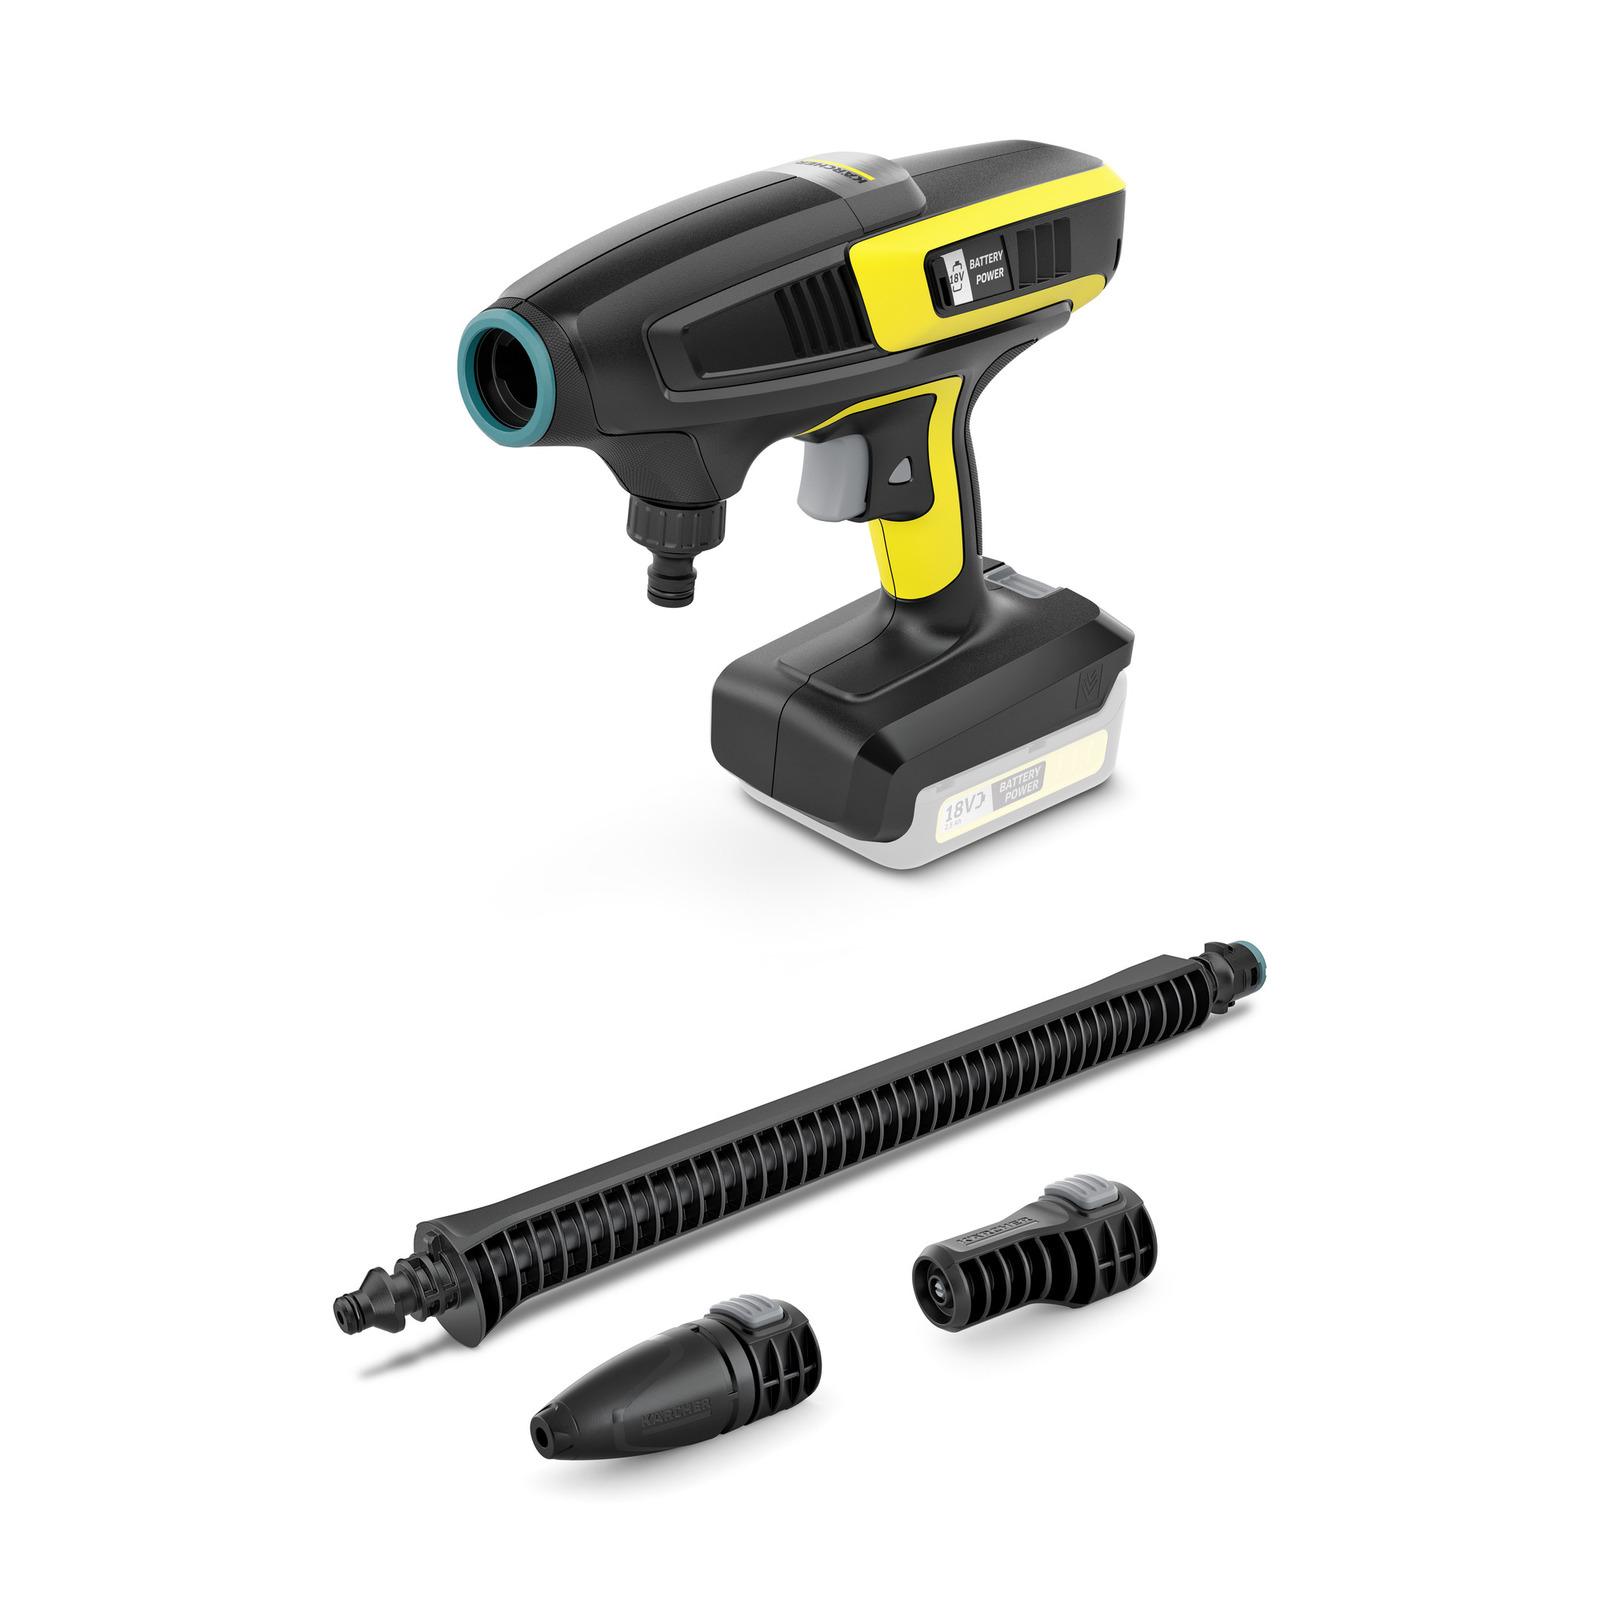 KARCHER 1.328-010.0 - KHB6 Battery Handheld Pressure Washer Cleaner